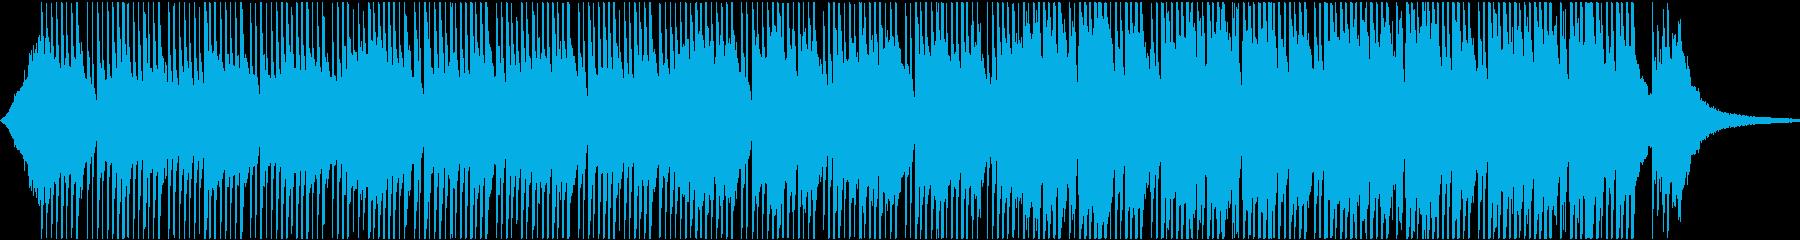 ティーン ワールド 民族 民謡 ア...の再生済みの波形